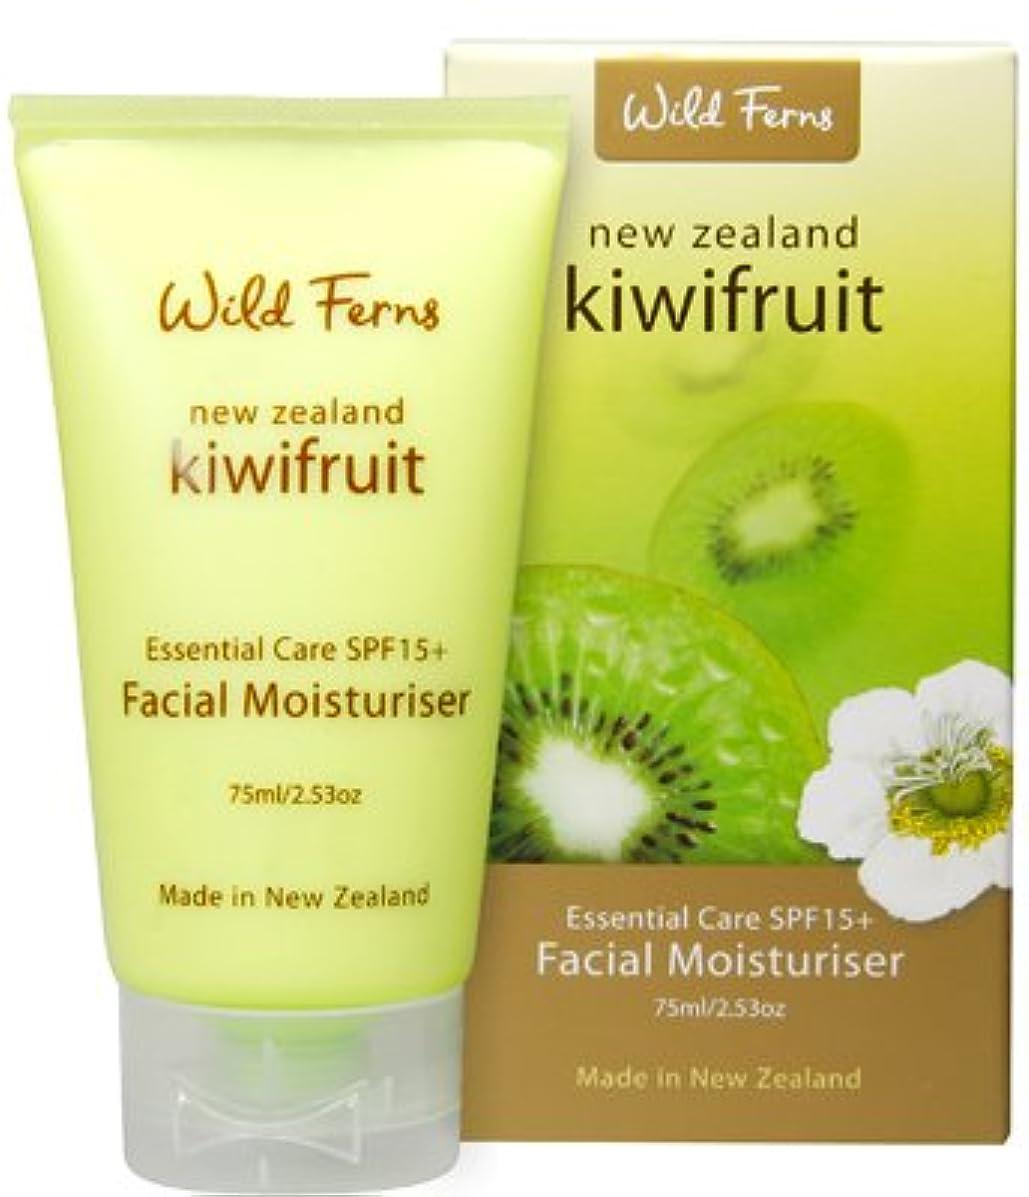 アグネスグレイ少なくとも言語キーウィフルーツ エッセンシャルケアSPF15+ フェイシャル保湿剤 (ニュージーランド限定品)